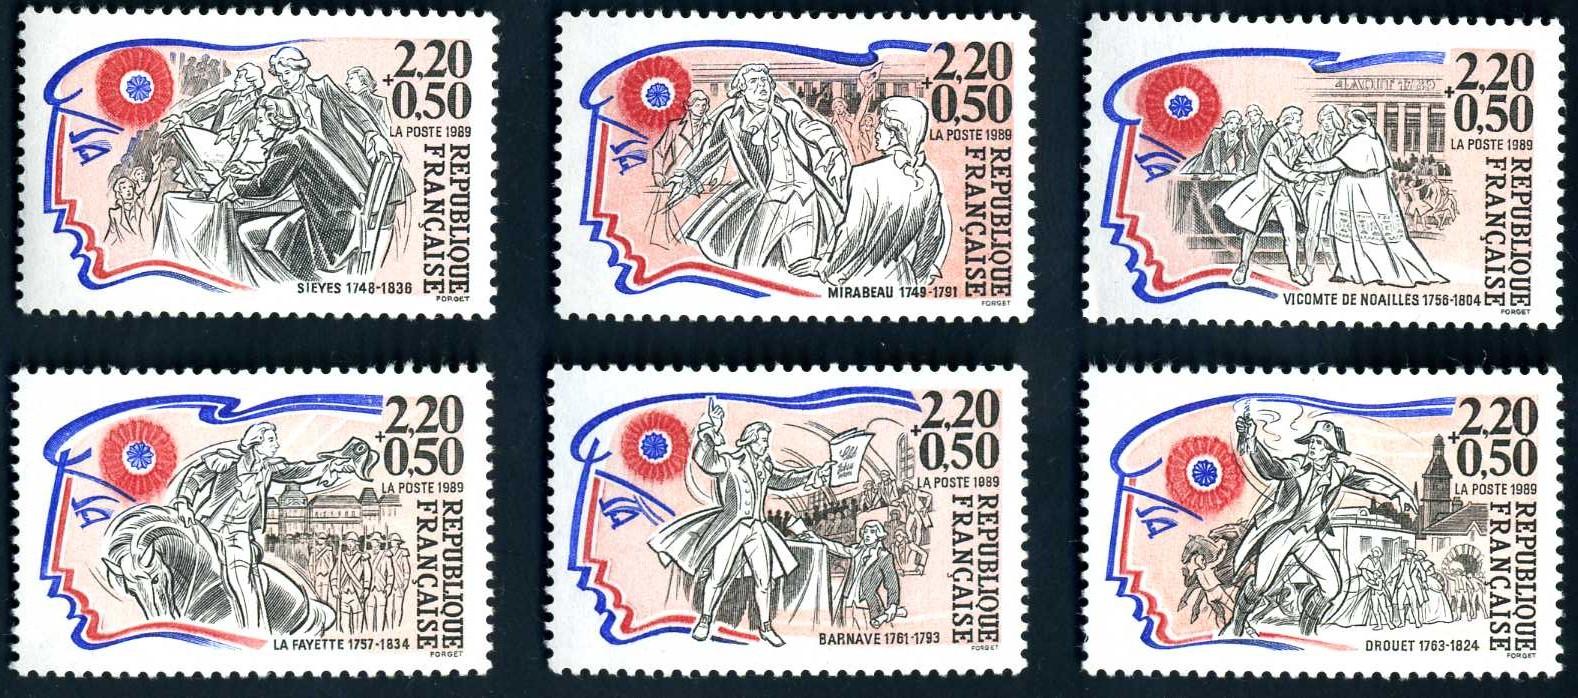 FR 199 1989 200 J. Franz. Revolution.jpg